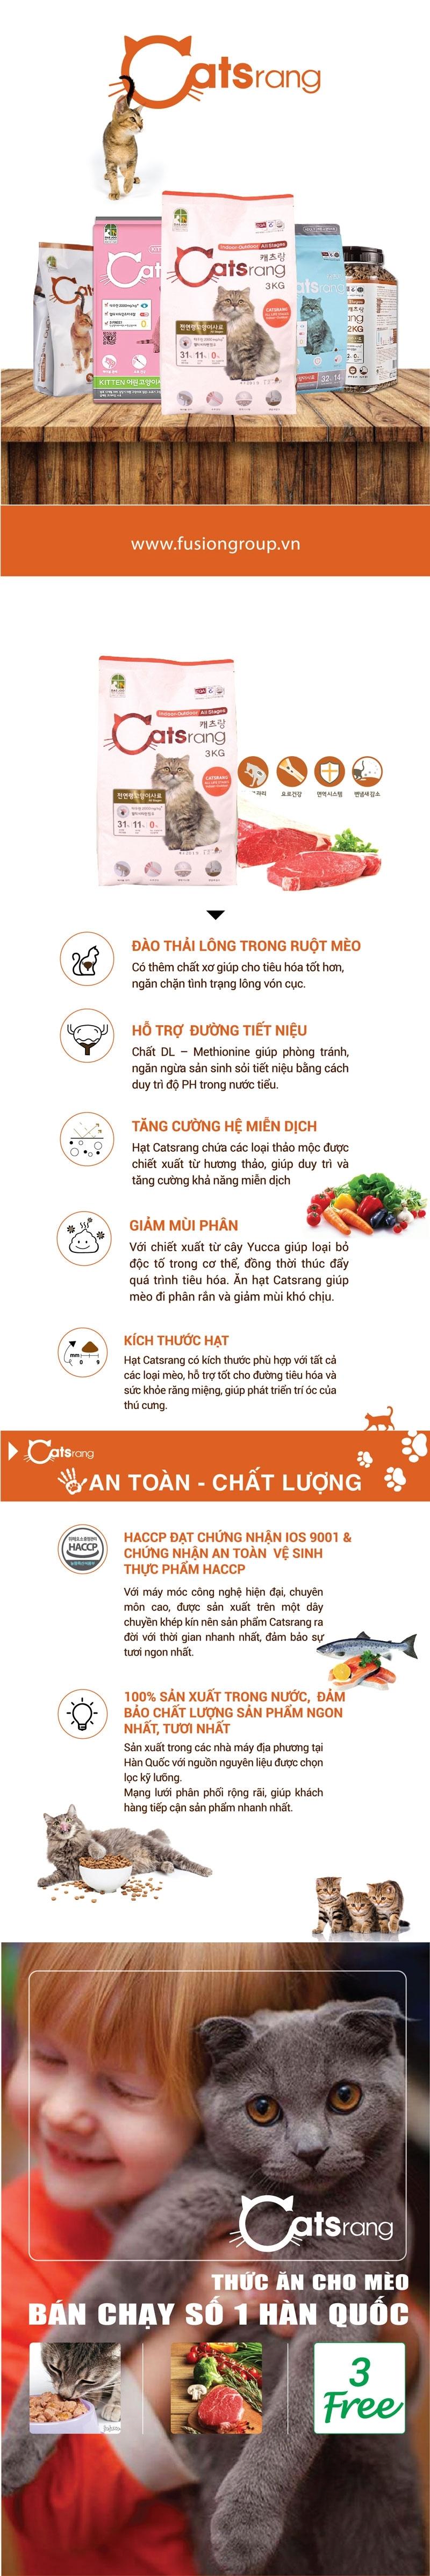 thuc-an-hat-cho-meo-catsrang-3kg-1582786064.jpg